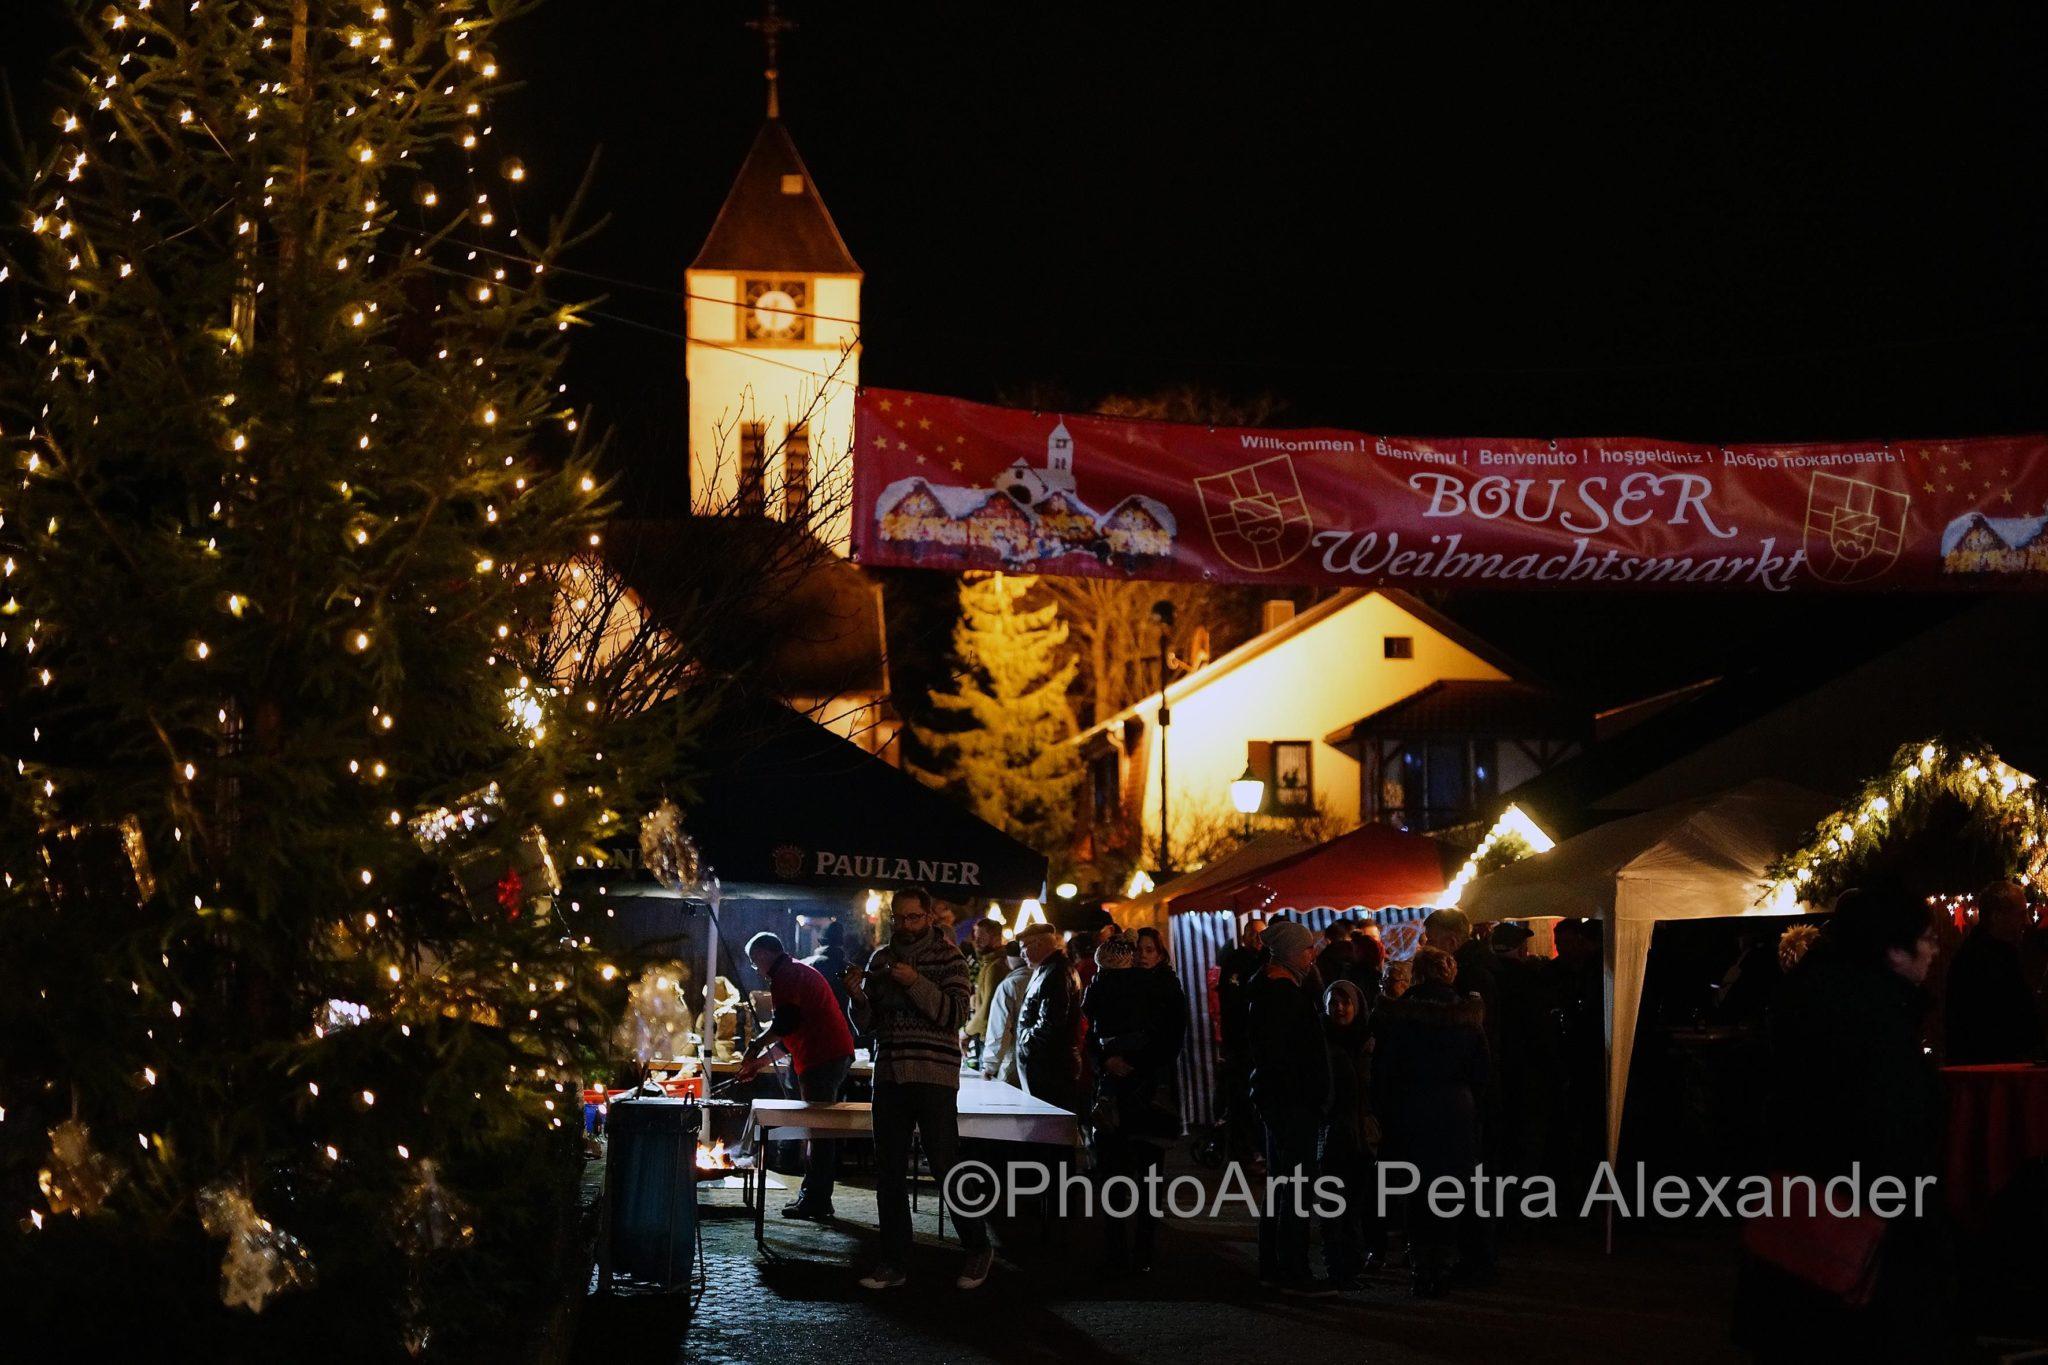 Blick über den Weihnachtsmarkt bei Nacht mit Beleuchtung